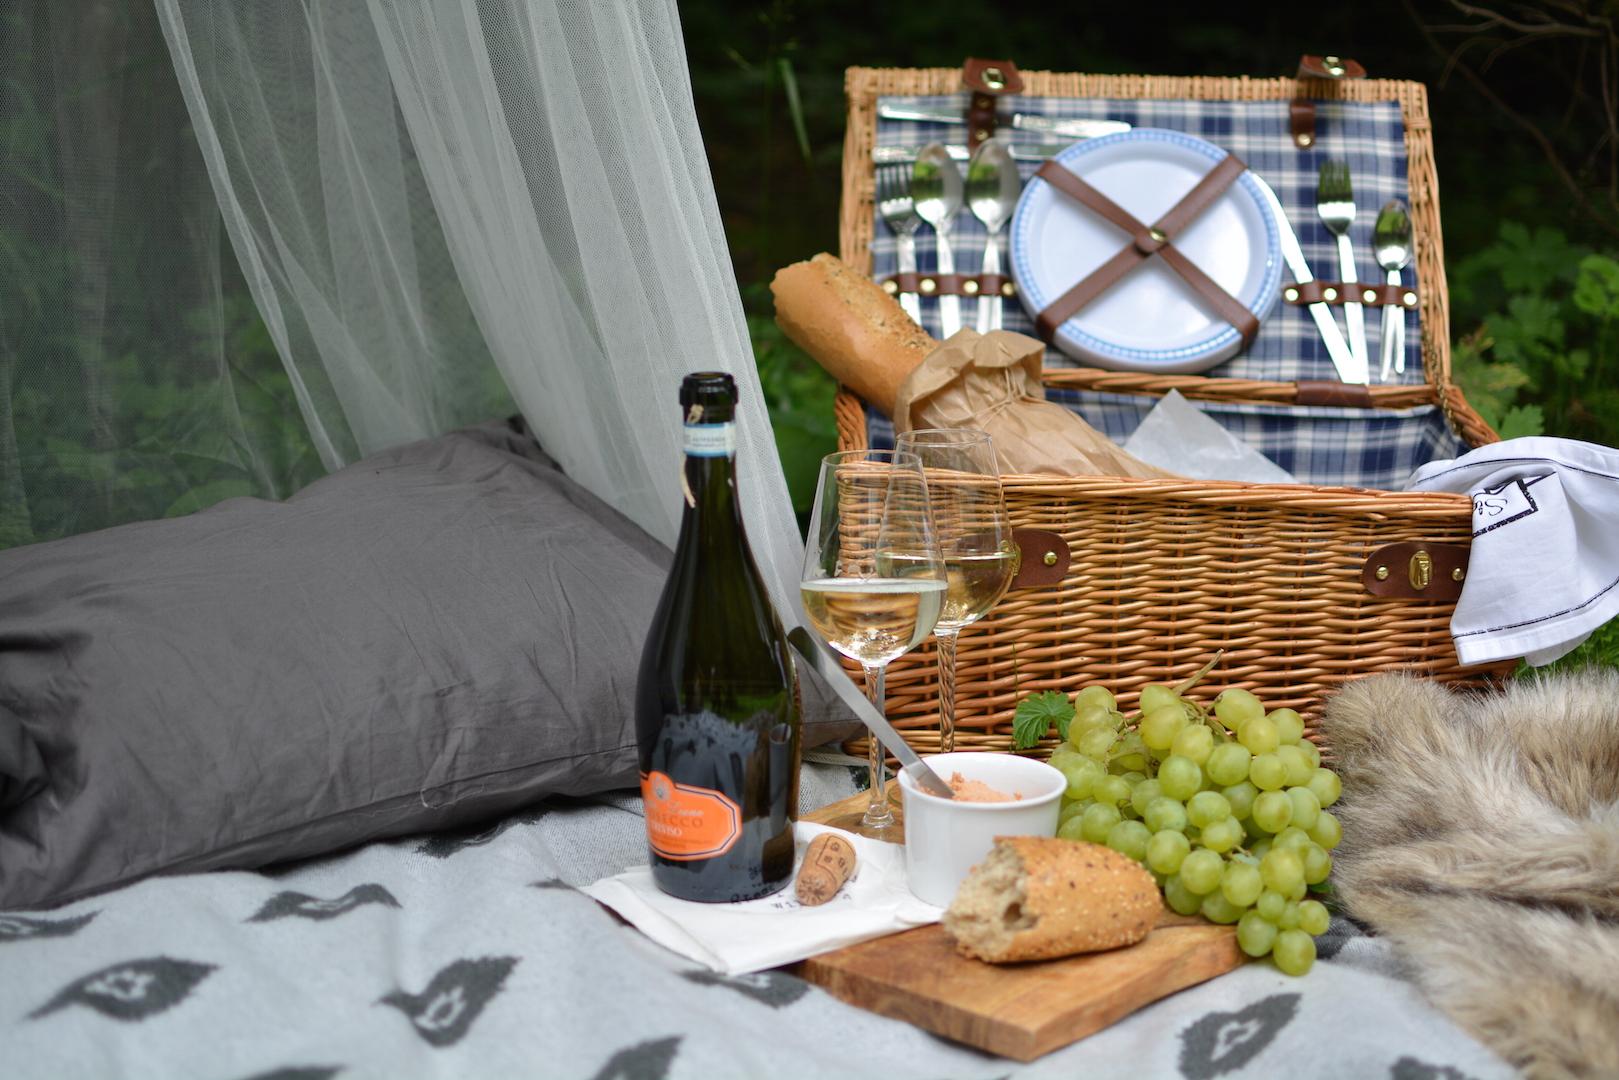 piknik-w-lesie-kosz-piknikowy-5